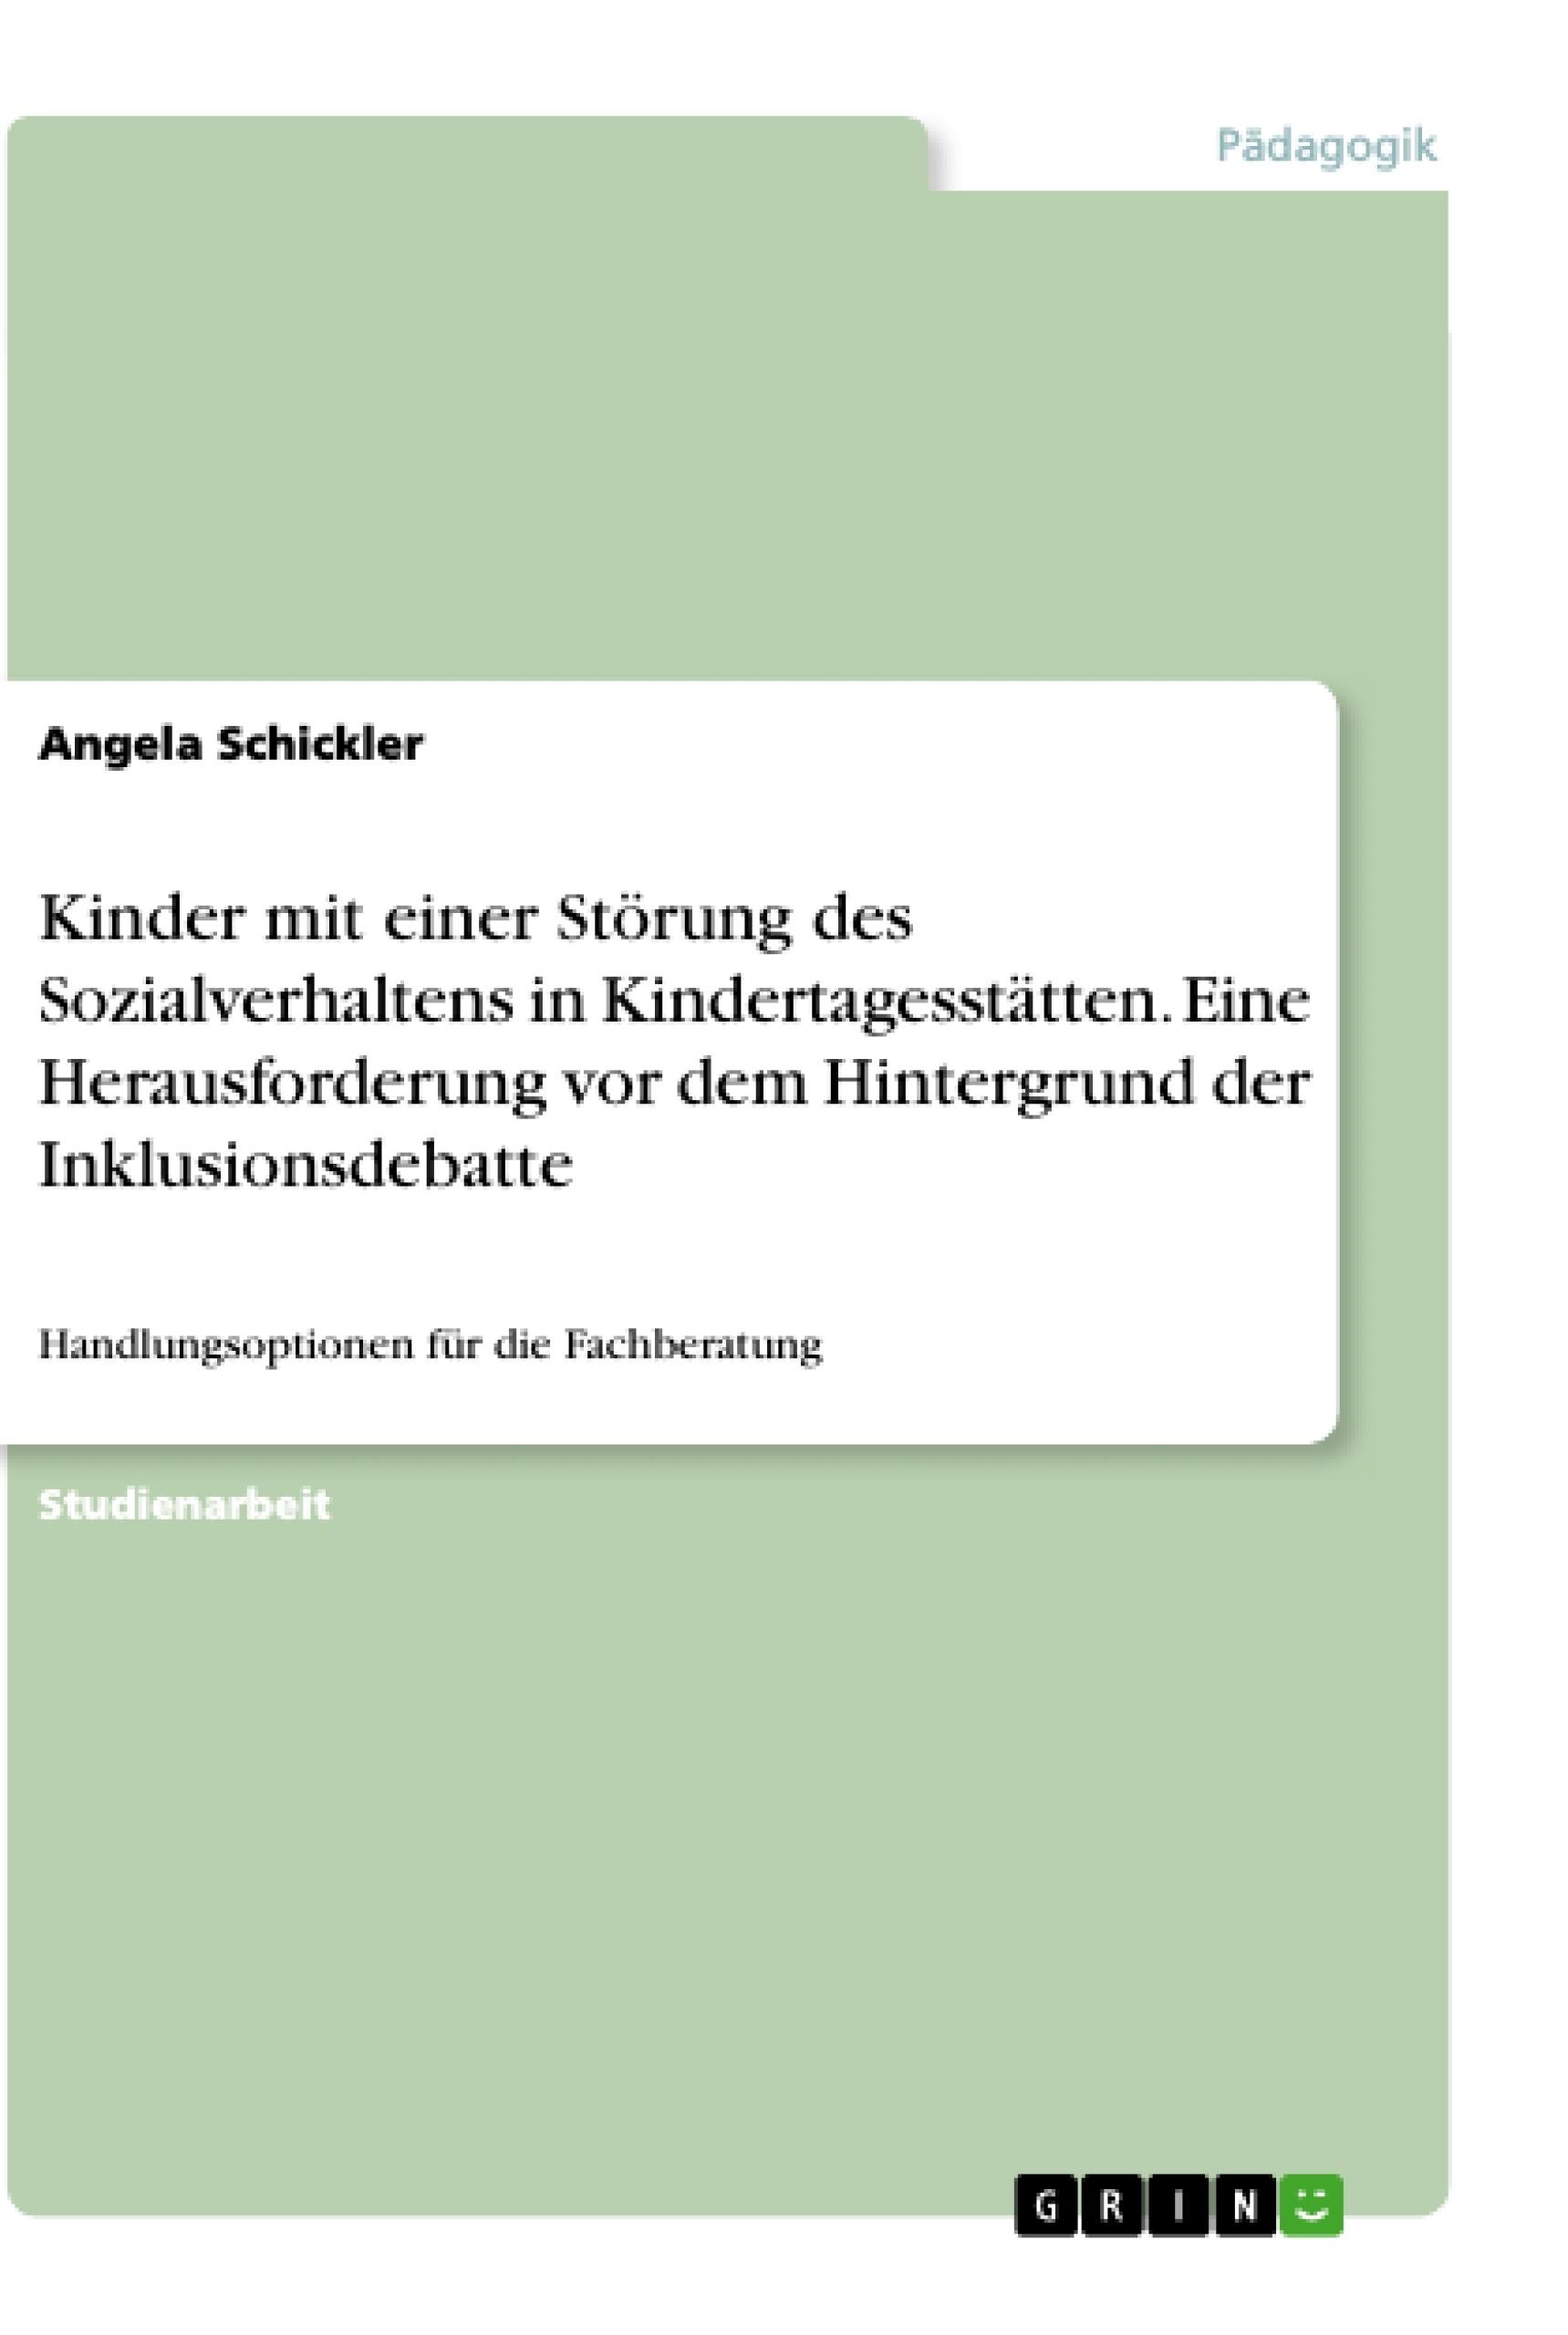 Titel: Kinder mit einer Störung des Sozialverhaltens in Kindertagesstätten. Eine Herausforderung vor dem Hintergrund der Inklusionsdebatte